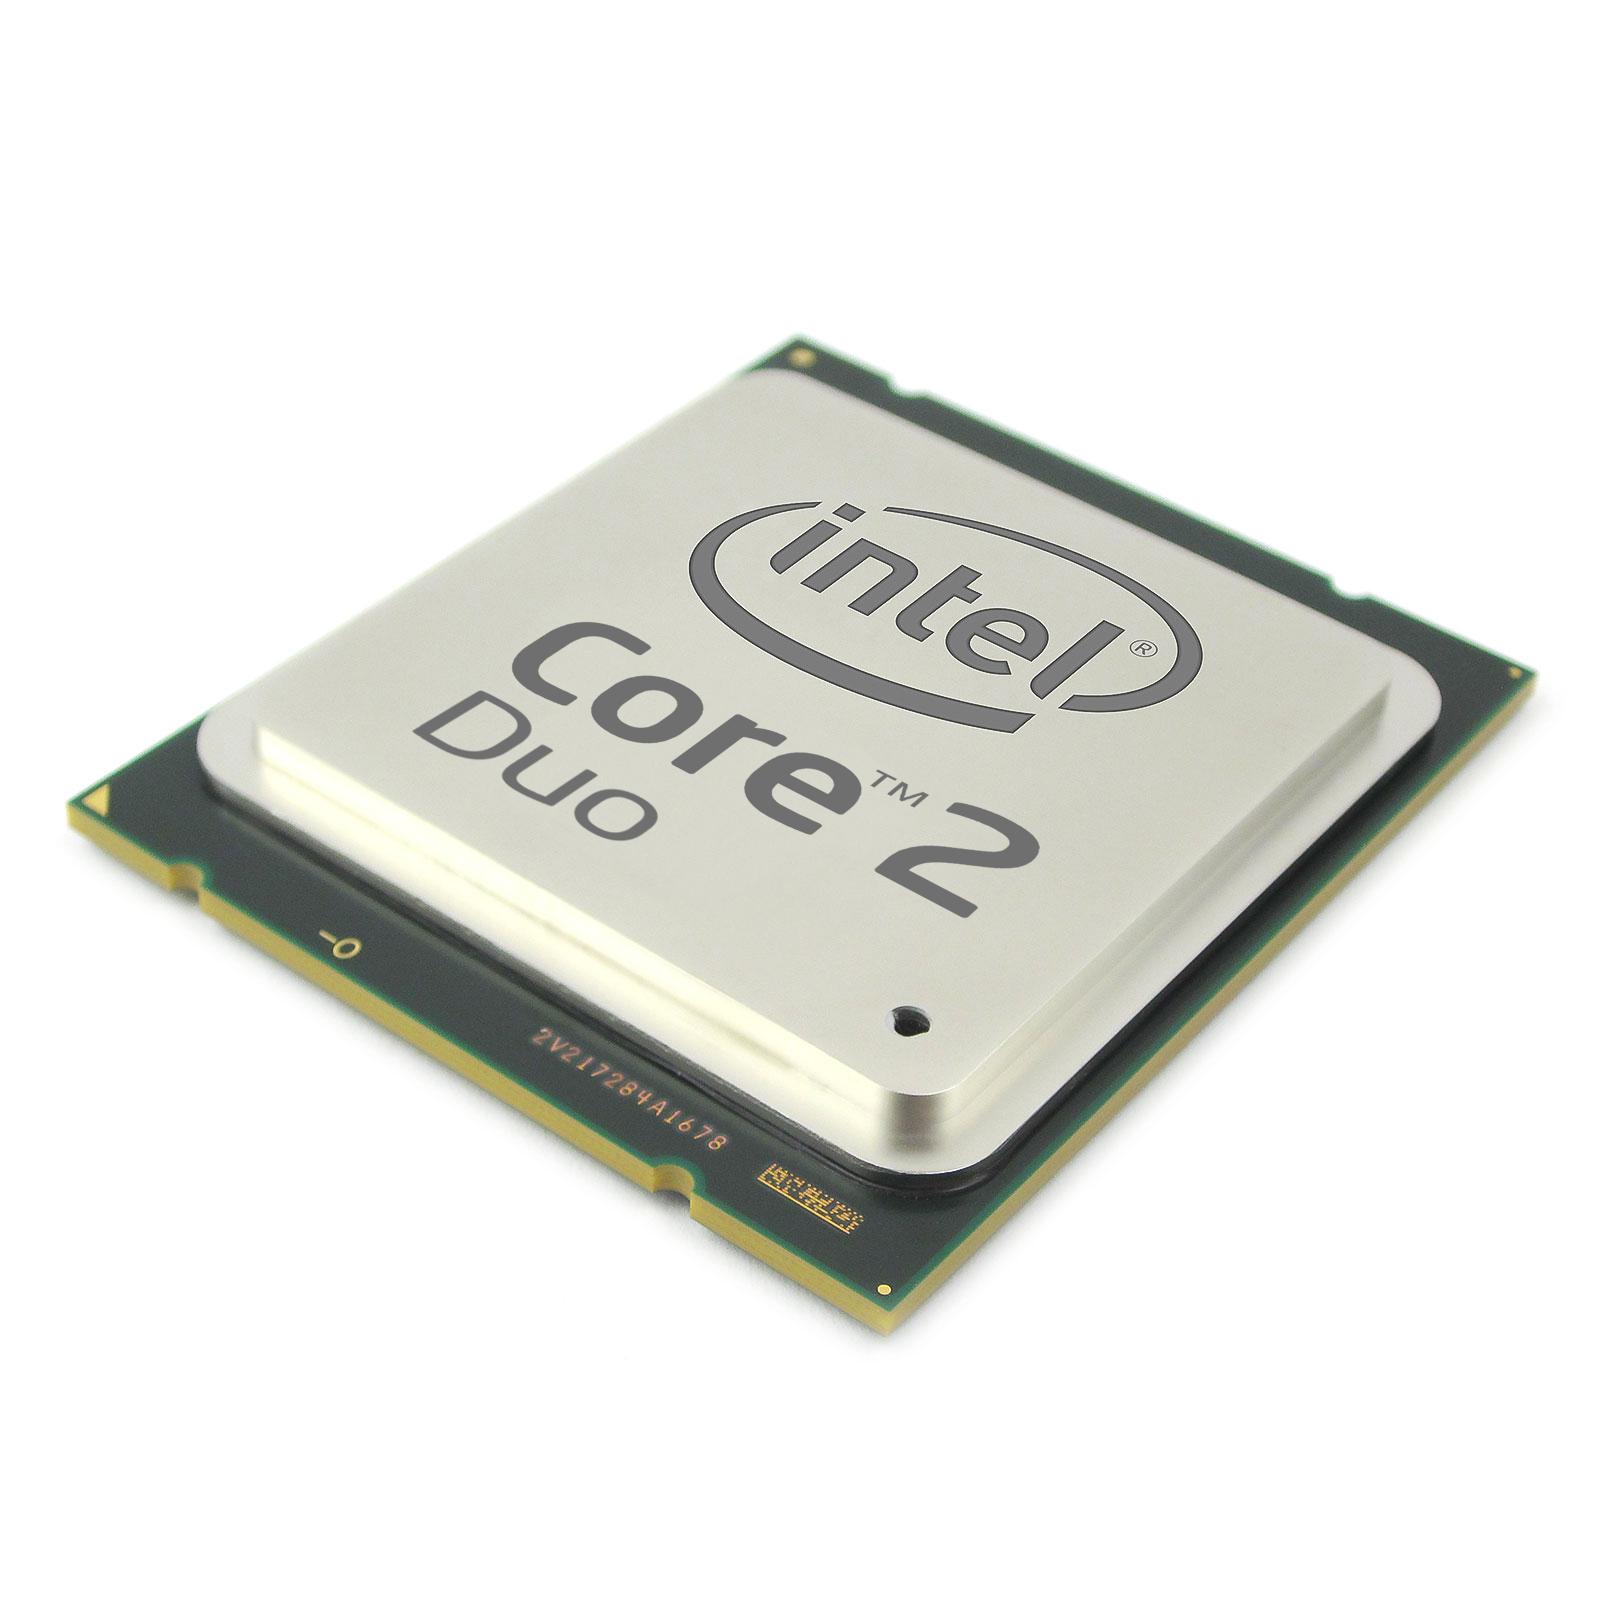 Цены на процессоры в картинках